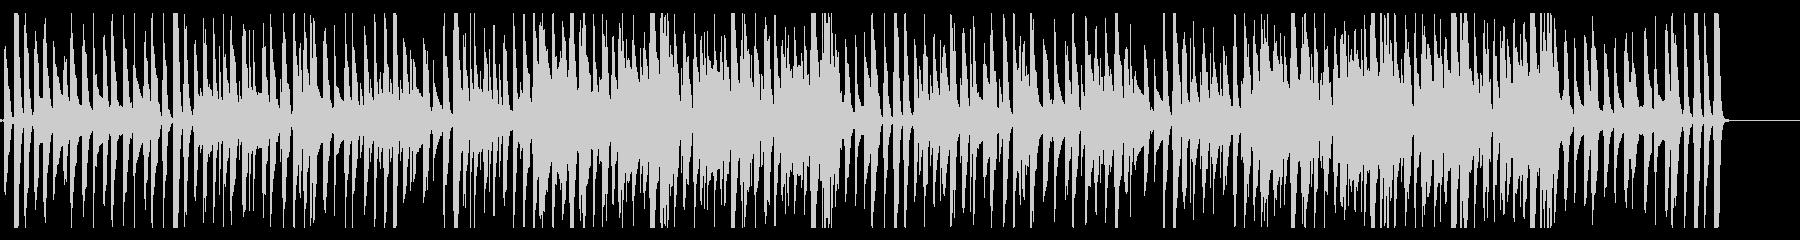 アコギとピアノのカントリーラグタイム♪の未再生の波形